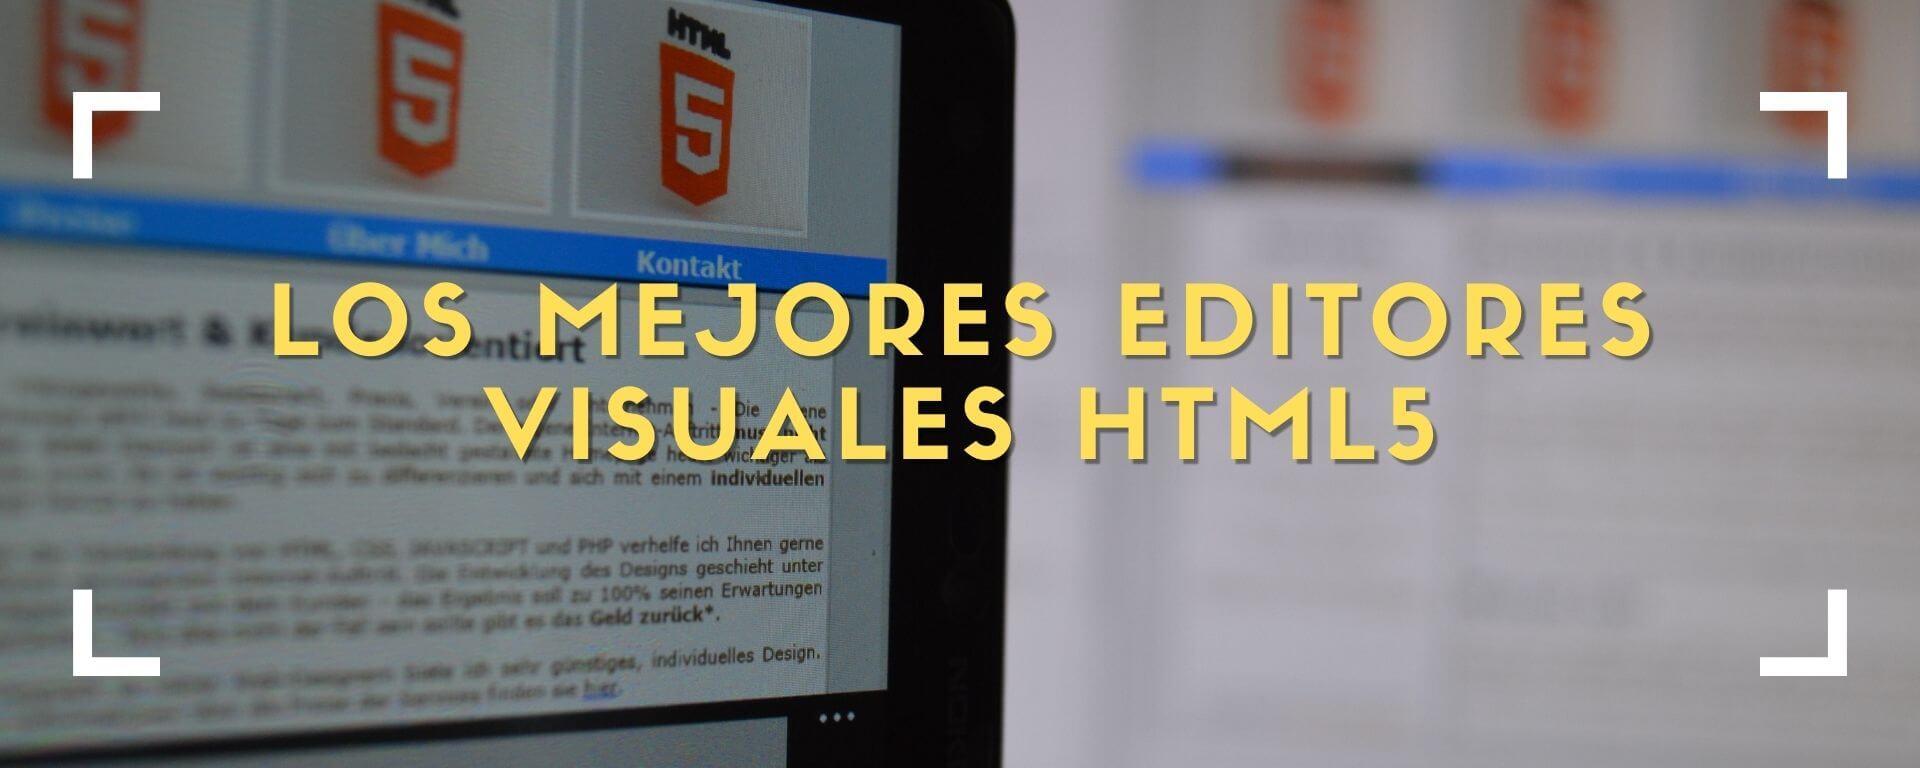 Los mejores editores visuales HTML5